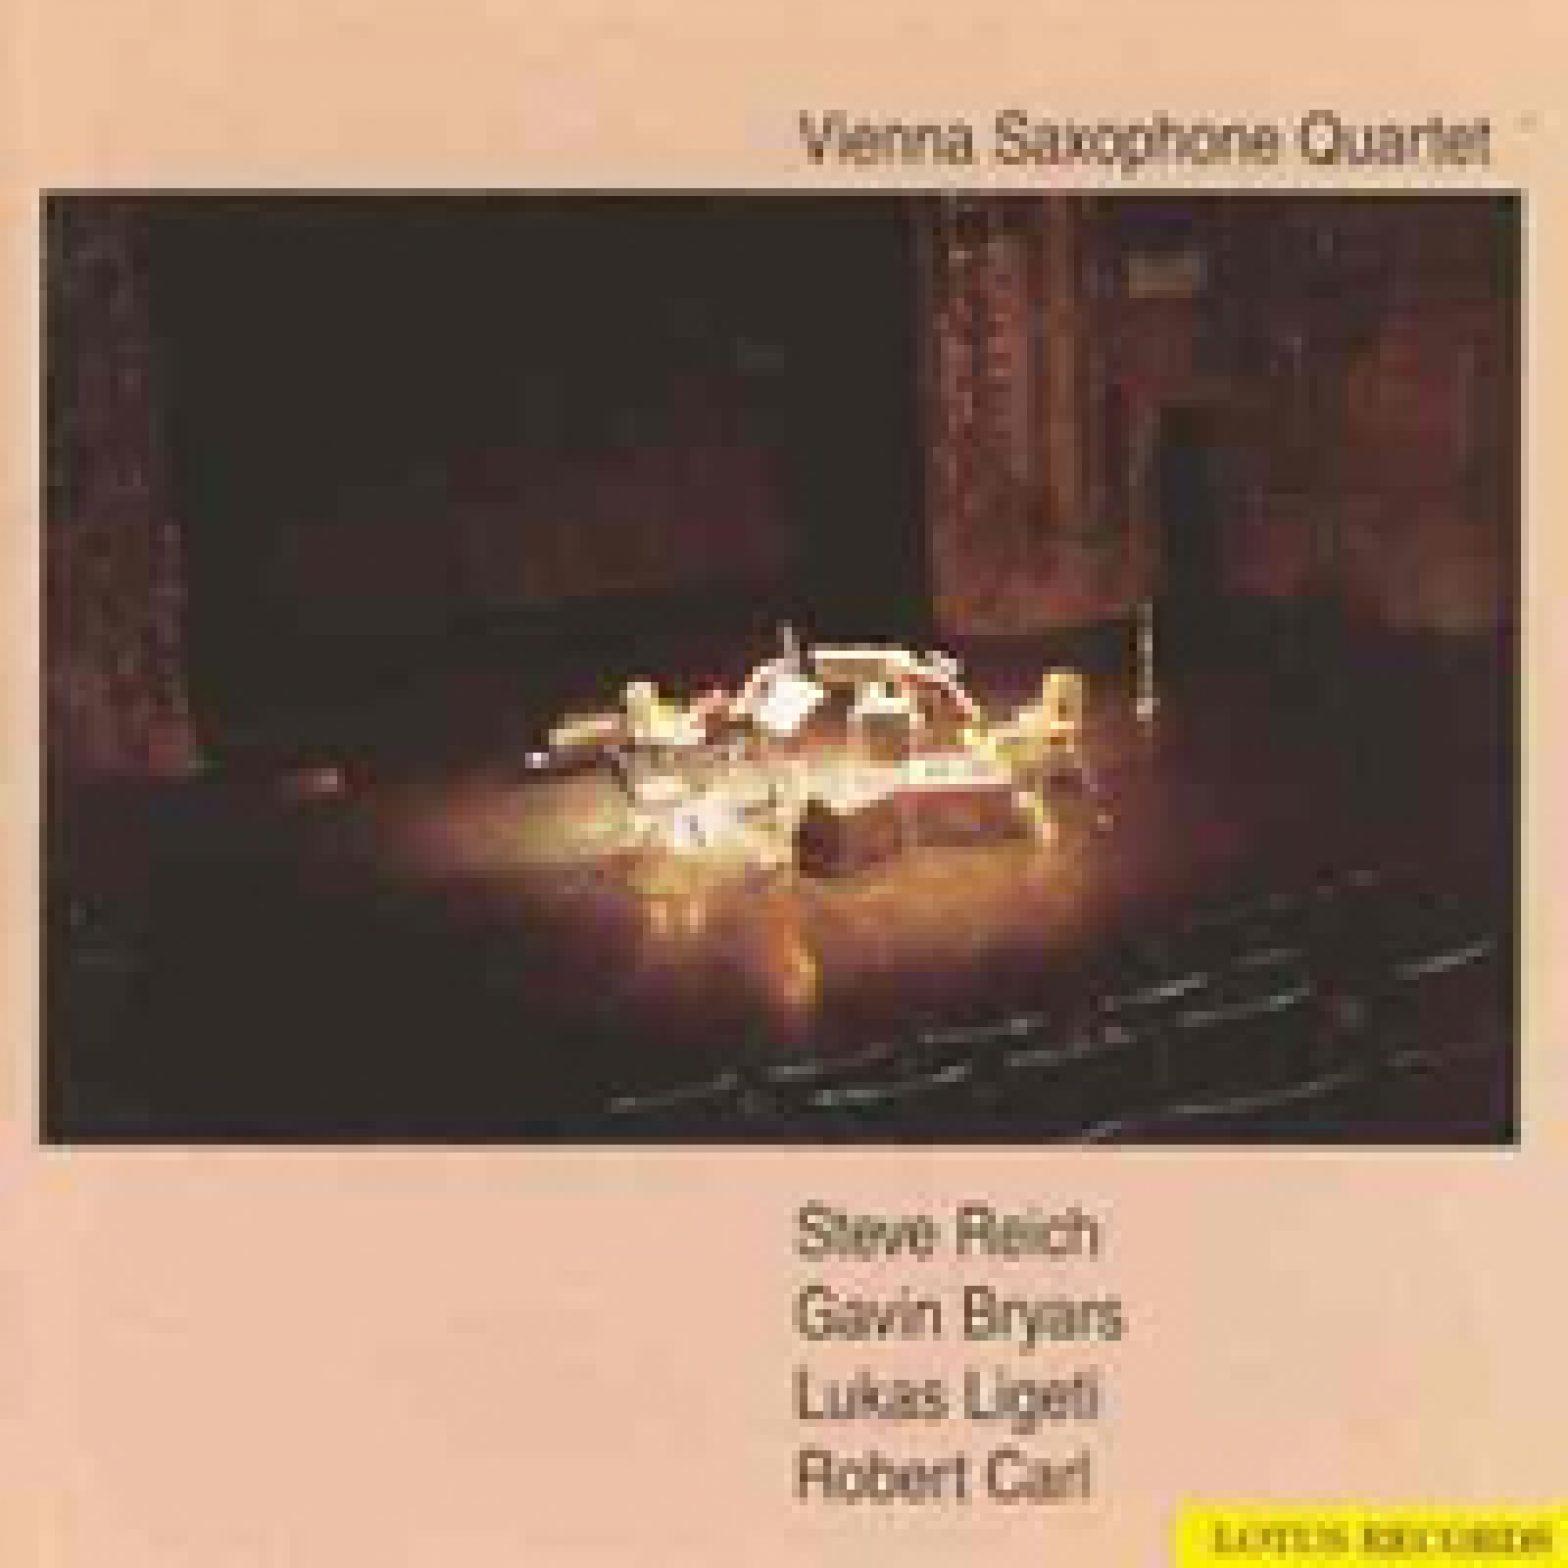 vienna_saxophone_quartet